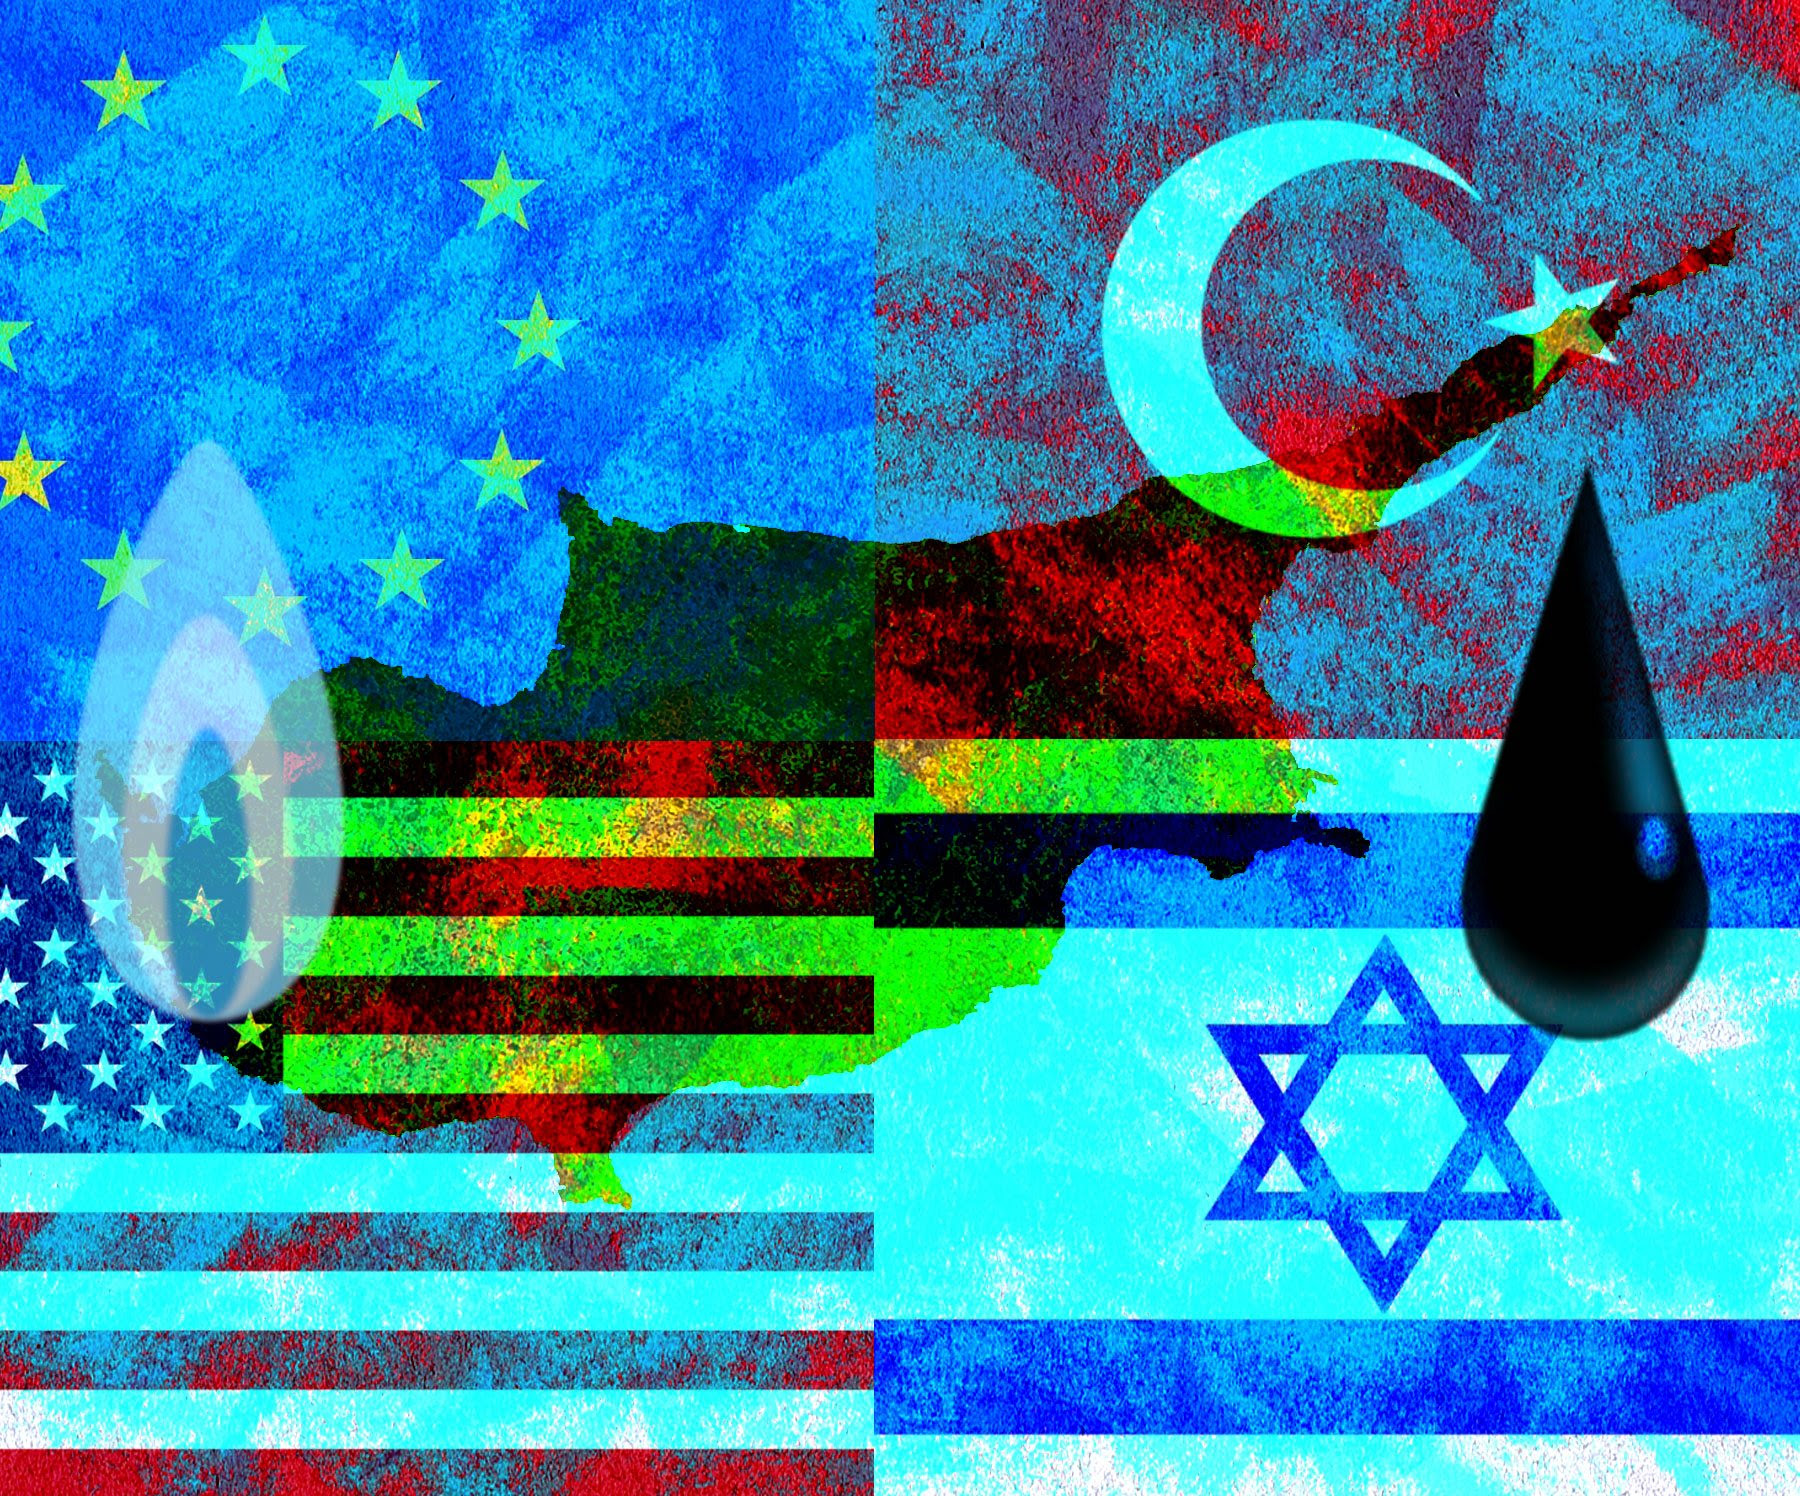 Σοκ: Νέα «τουρκική εισβολή» στην Κύπρο βλέπει η Washington Times